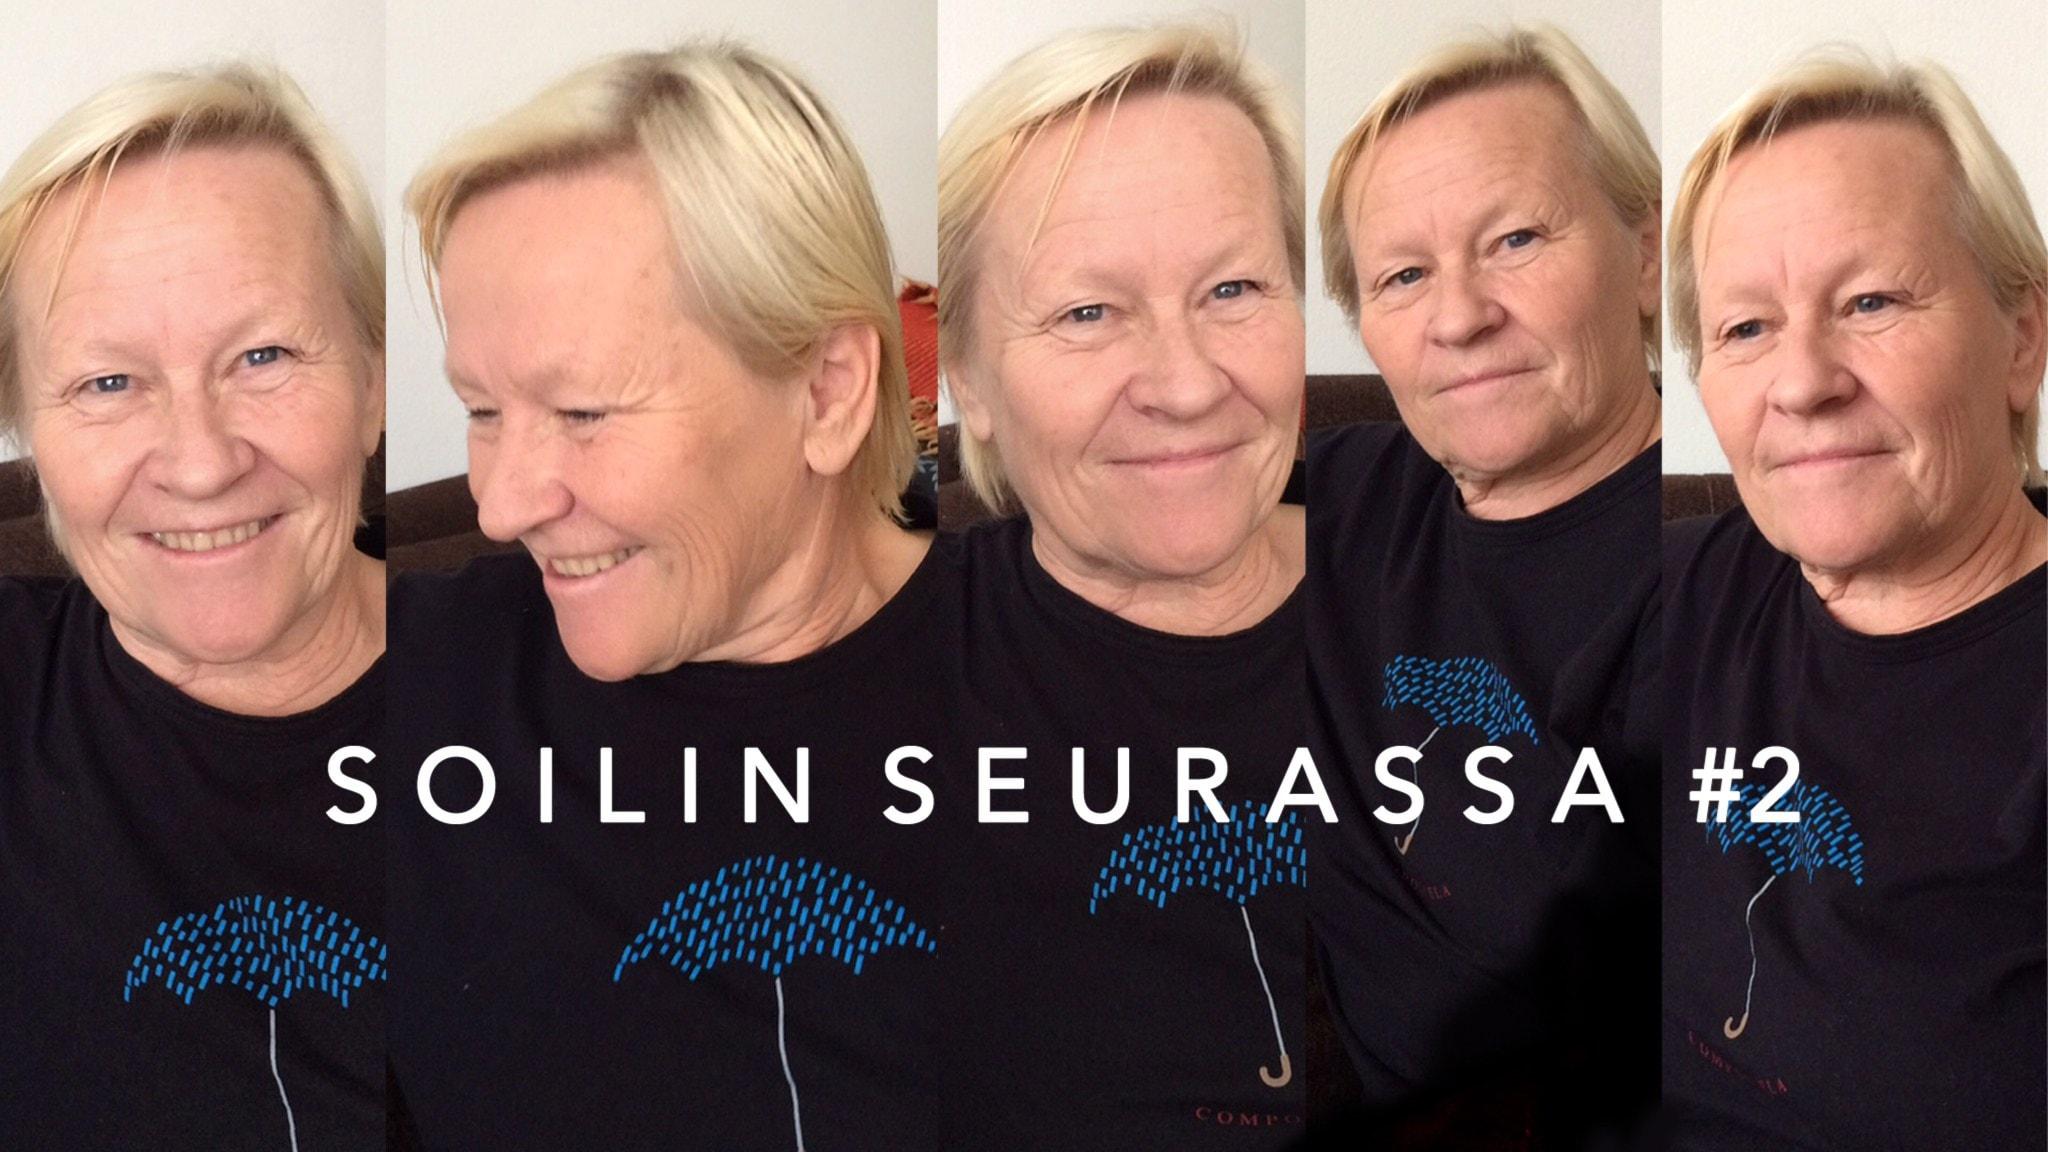 Soilin seurassa intohimoinen kirjojen ystävä Mirja Huusko